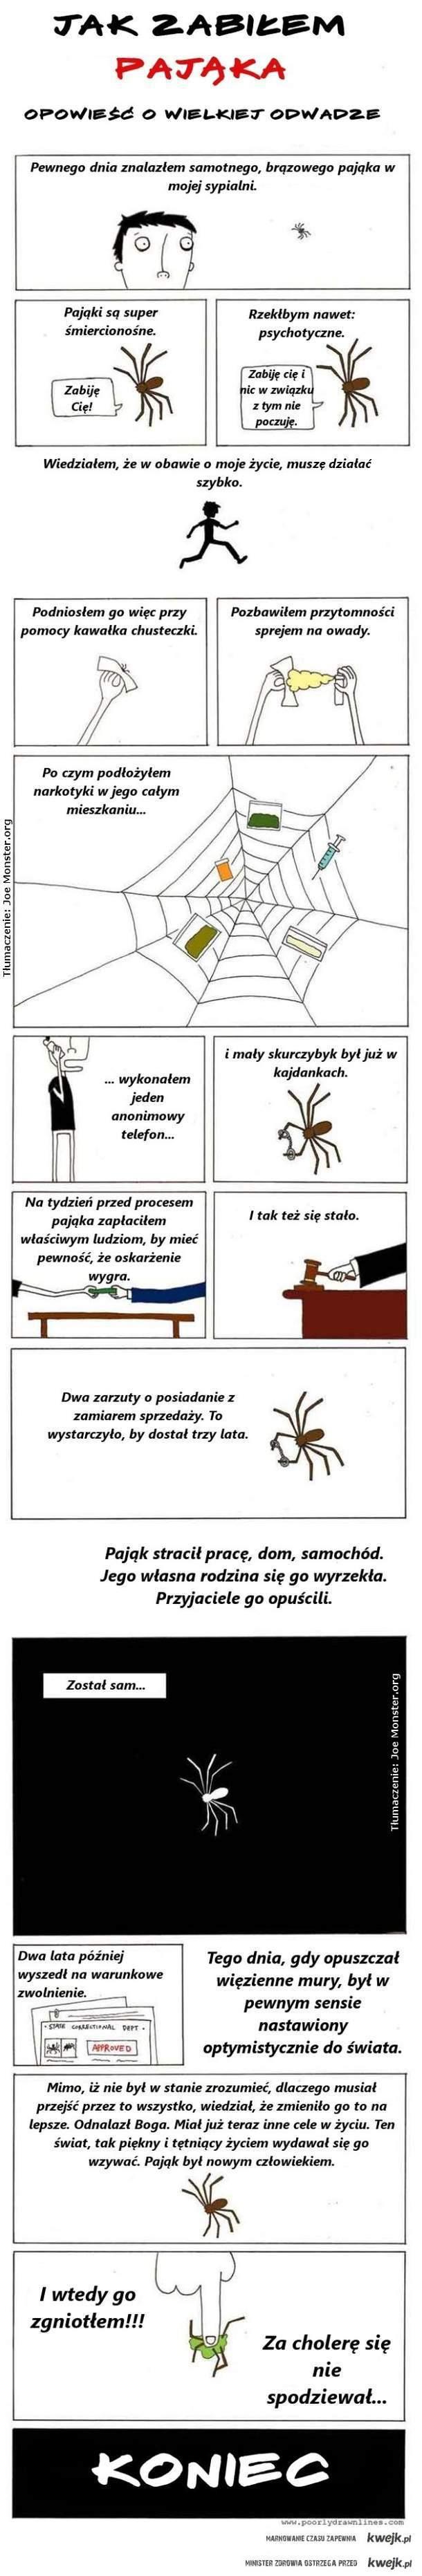 Opowieść o zabiciu pająka